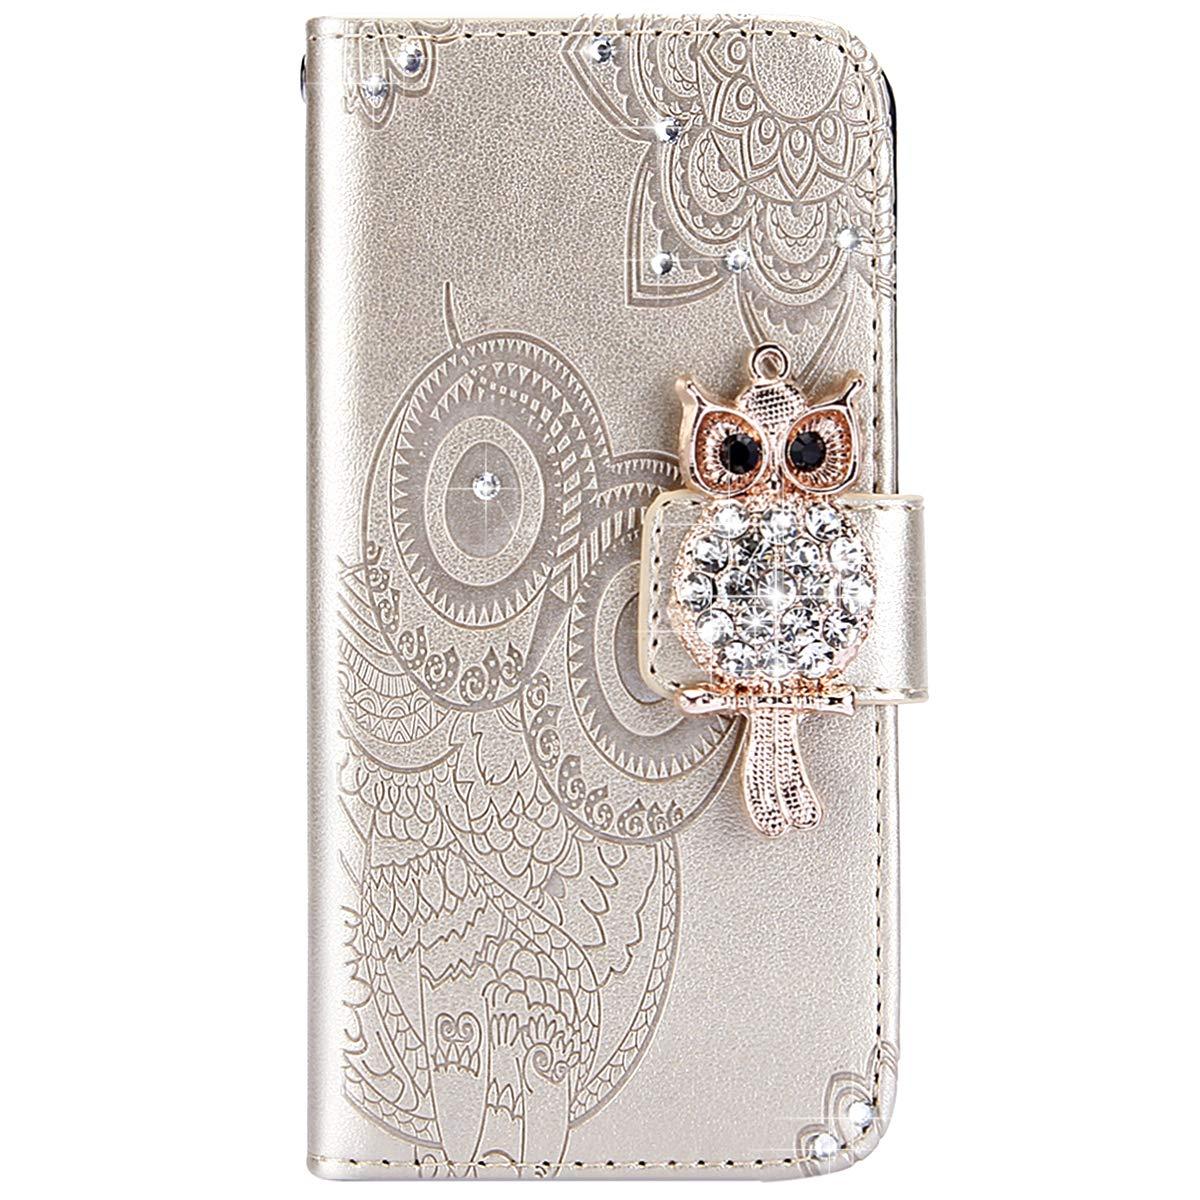 Felfy Compatible avec iPhone 6 Plus Housse,Coque iPhone 6S Plus Pochette Portefeuille Housse en Cuir Coque /à Rabat Clapet Etui 3D Brillante Hibou Glitter Paillett/é Strass Flip Wallet Case,Or